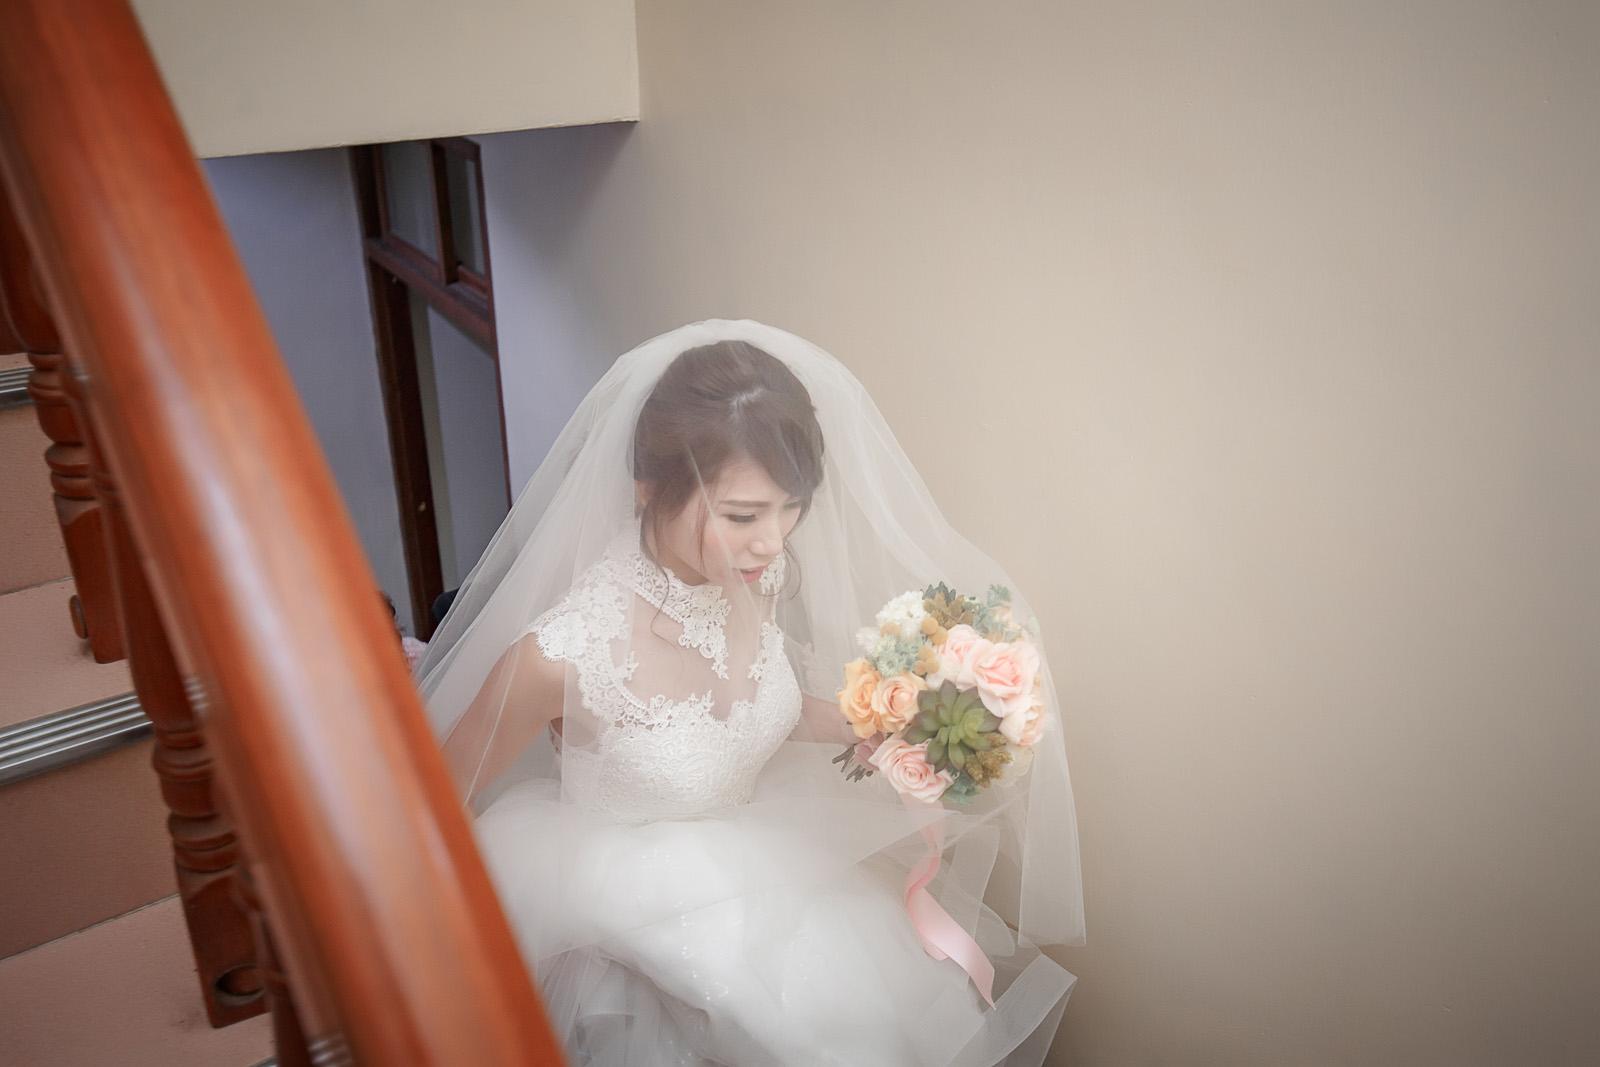 高雄圓山飯店,婚禮攝影,婚攝,高雄婚攝,優質婚攝推薦,Jen&Ethan-174